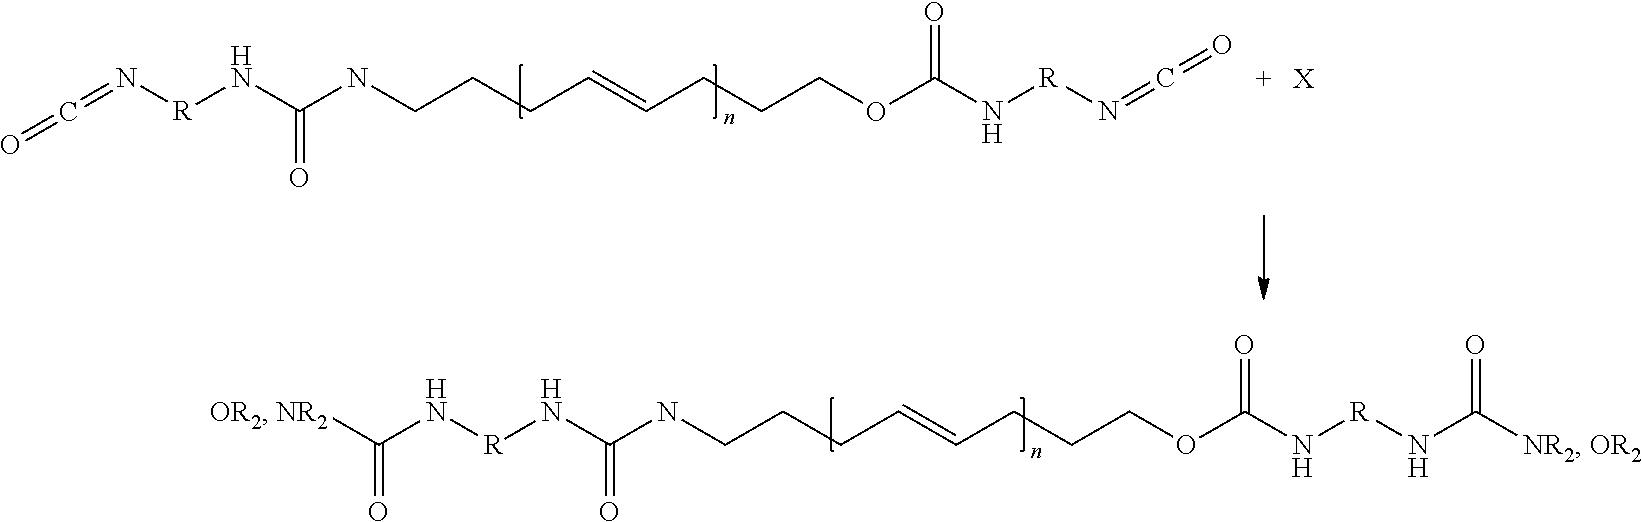 Figure US09206280-20151208-C00017